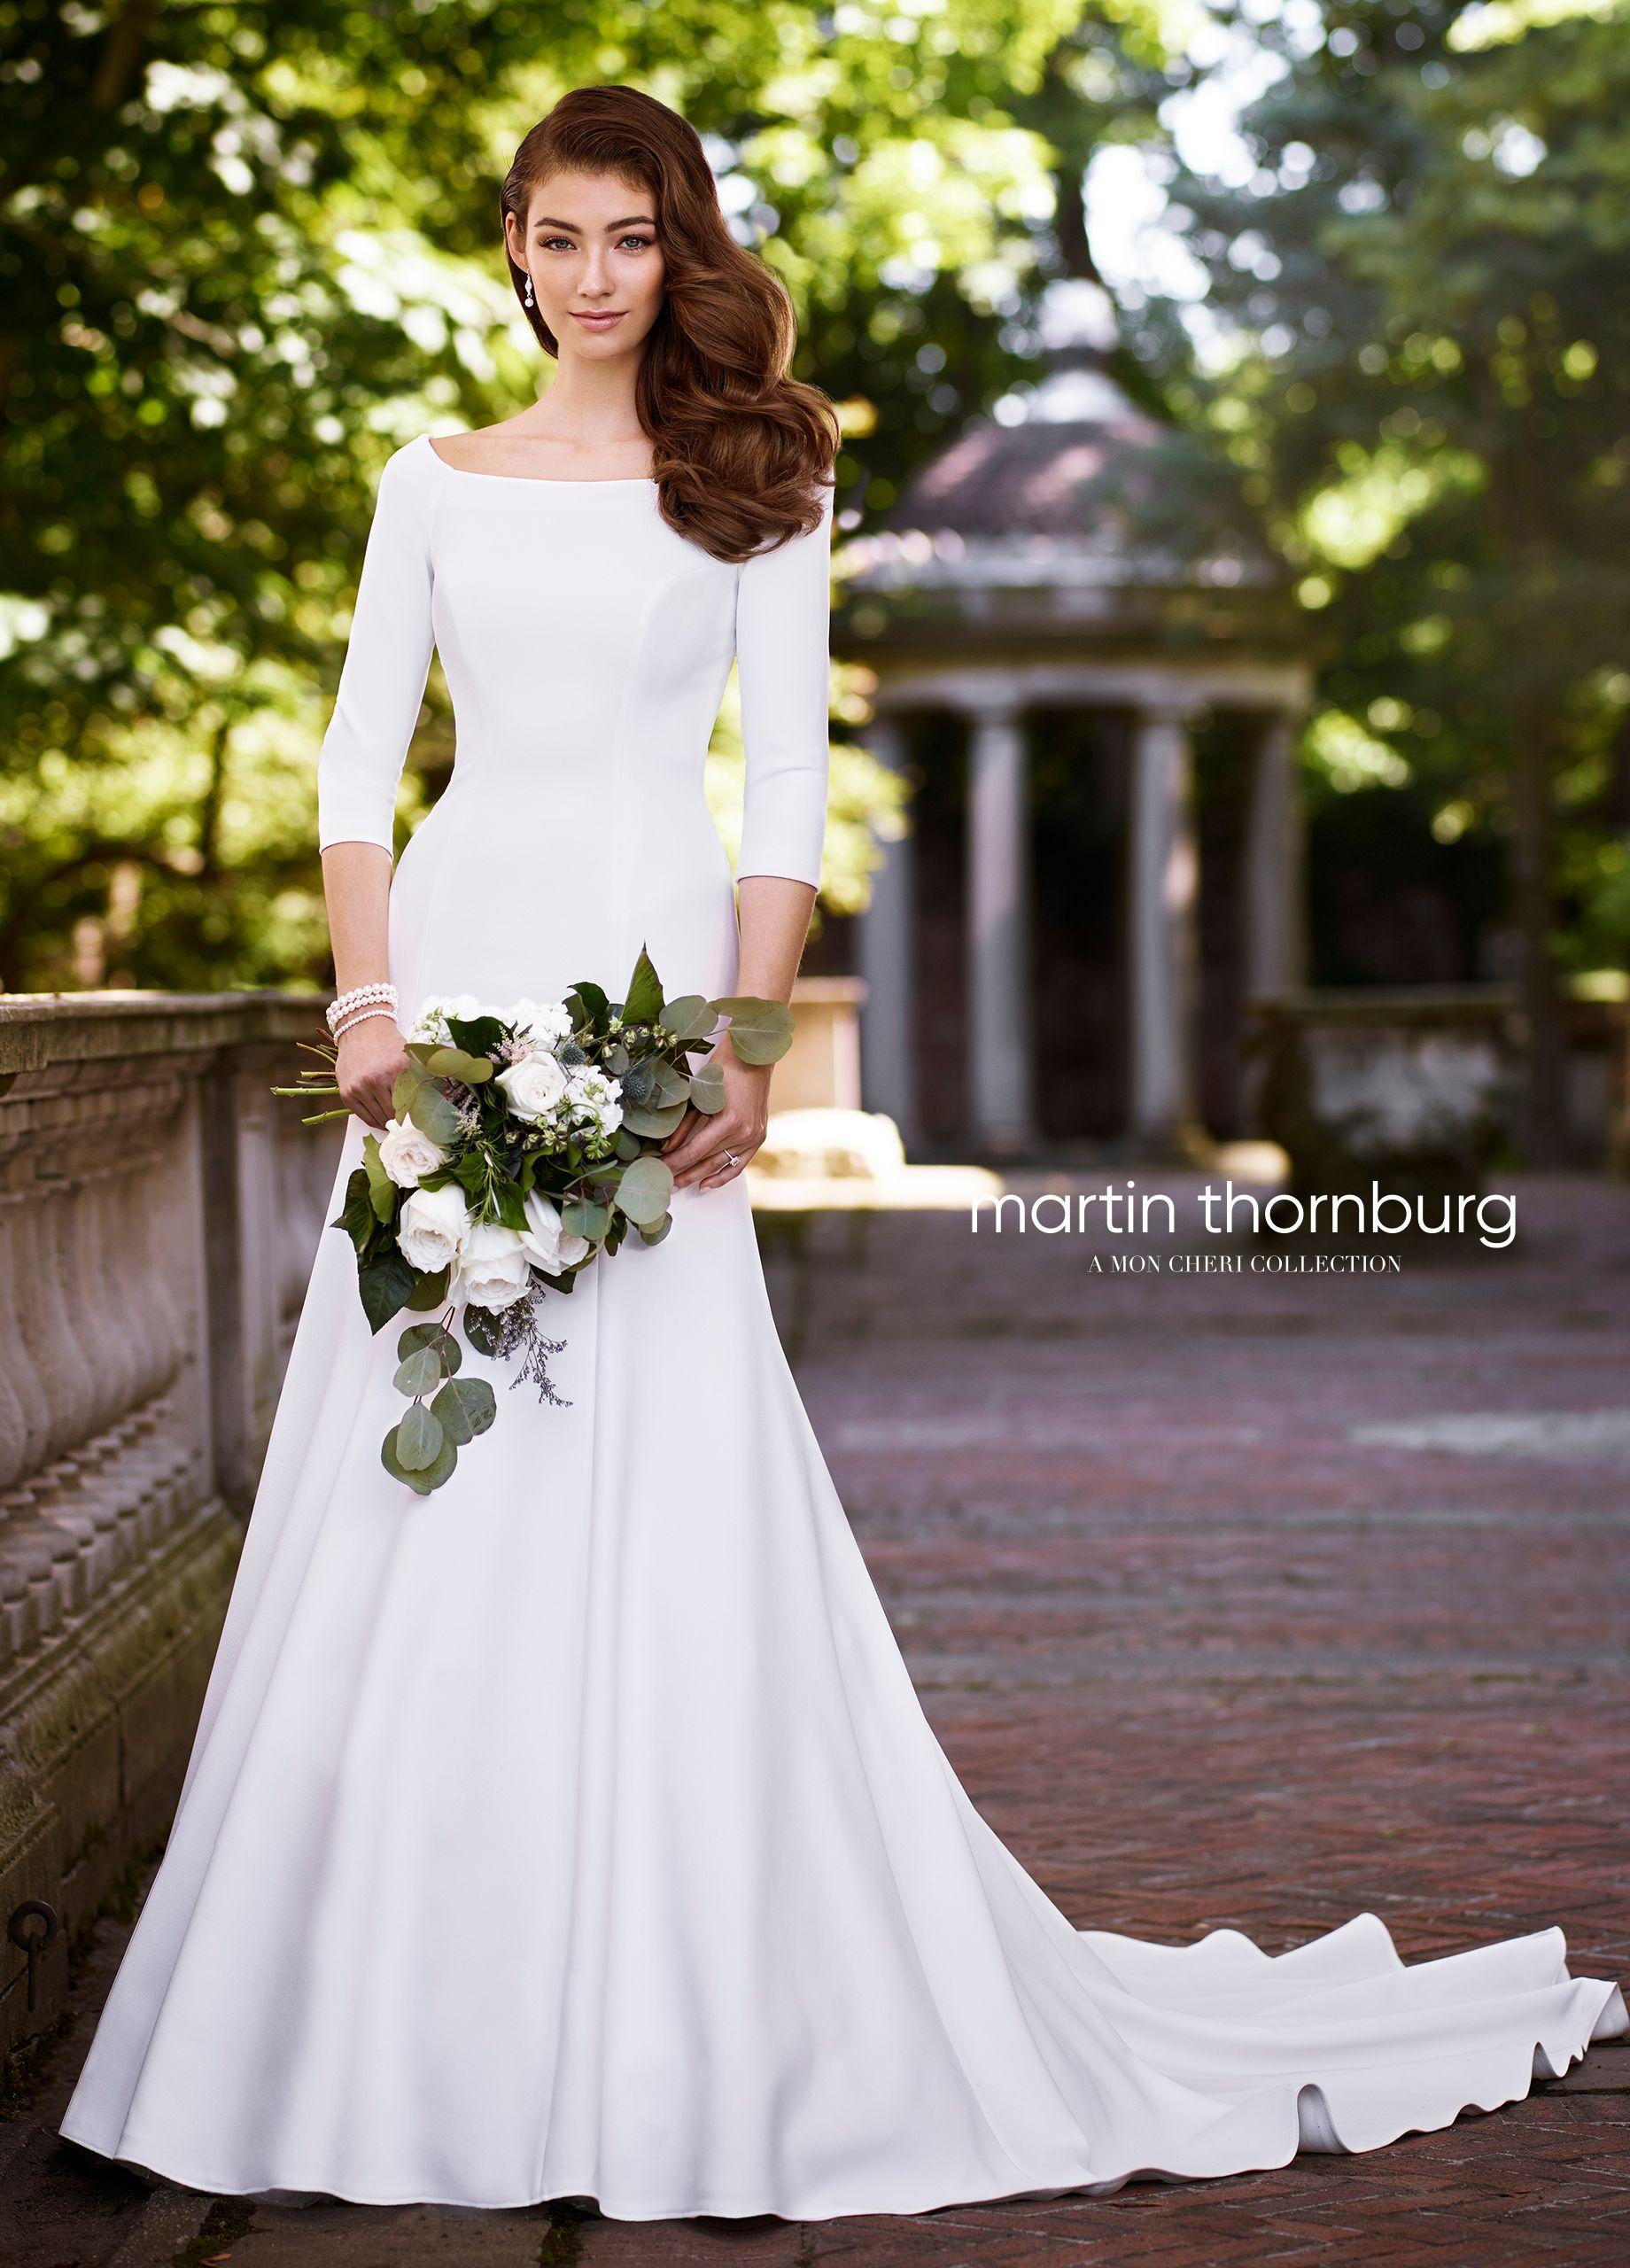 Martin Thornburg Naomi 119255 Wedding Gowns With Sleeves Mon Cheri Wedding Dresses White Bridal Gown [ 2560 x 1840 Pixel ]